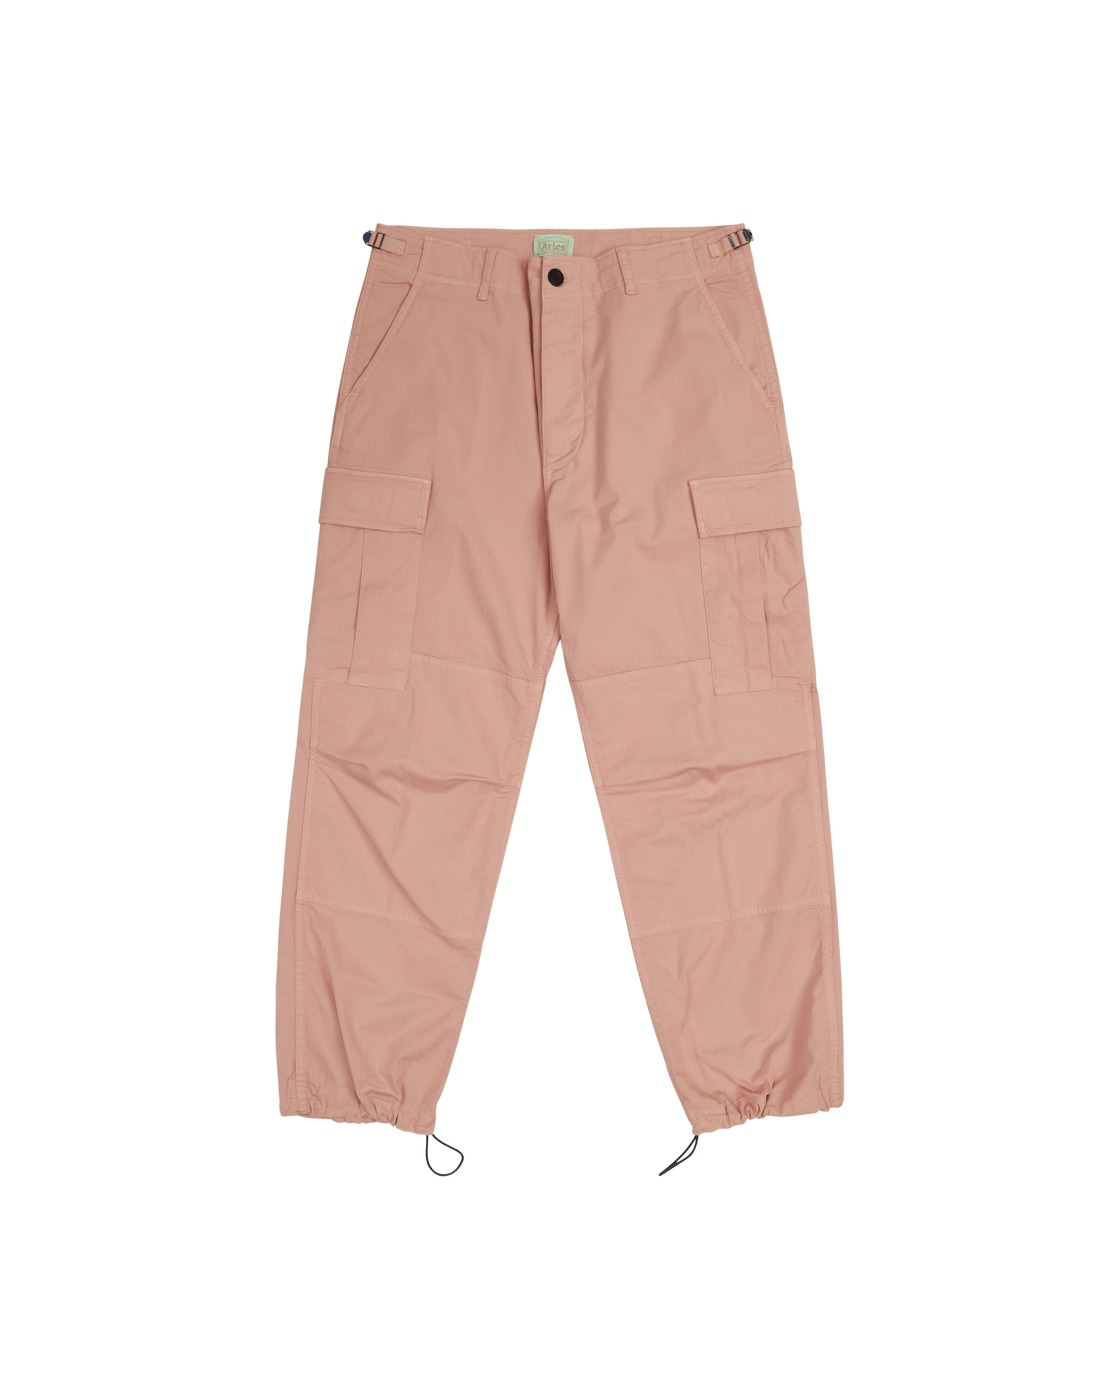 Aries Cargo Pants Blush